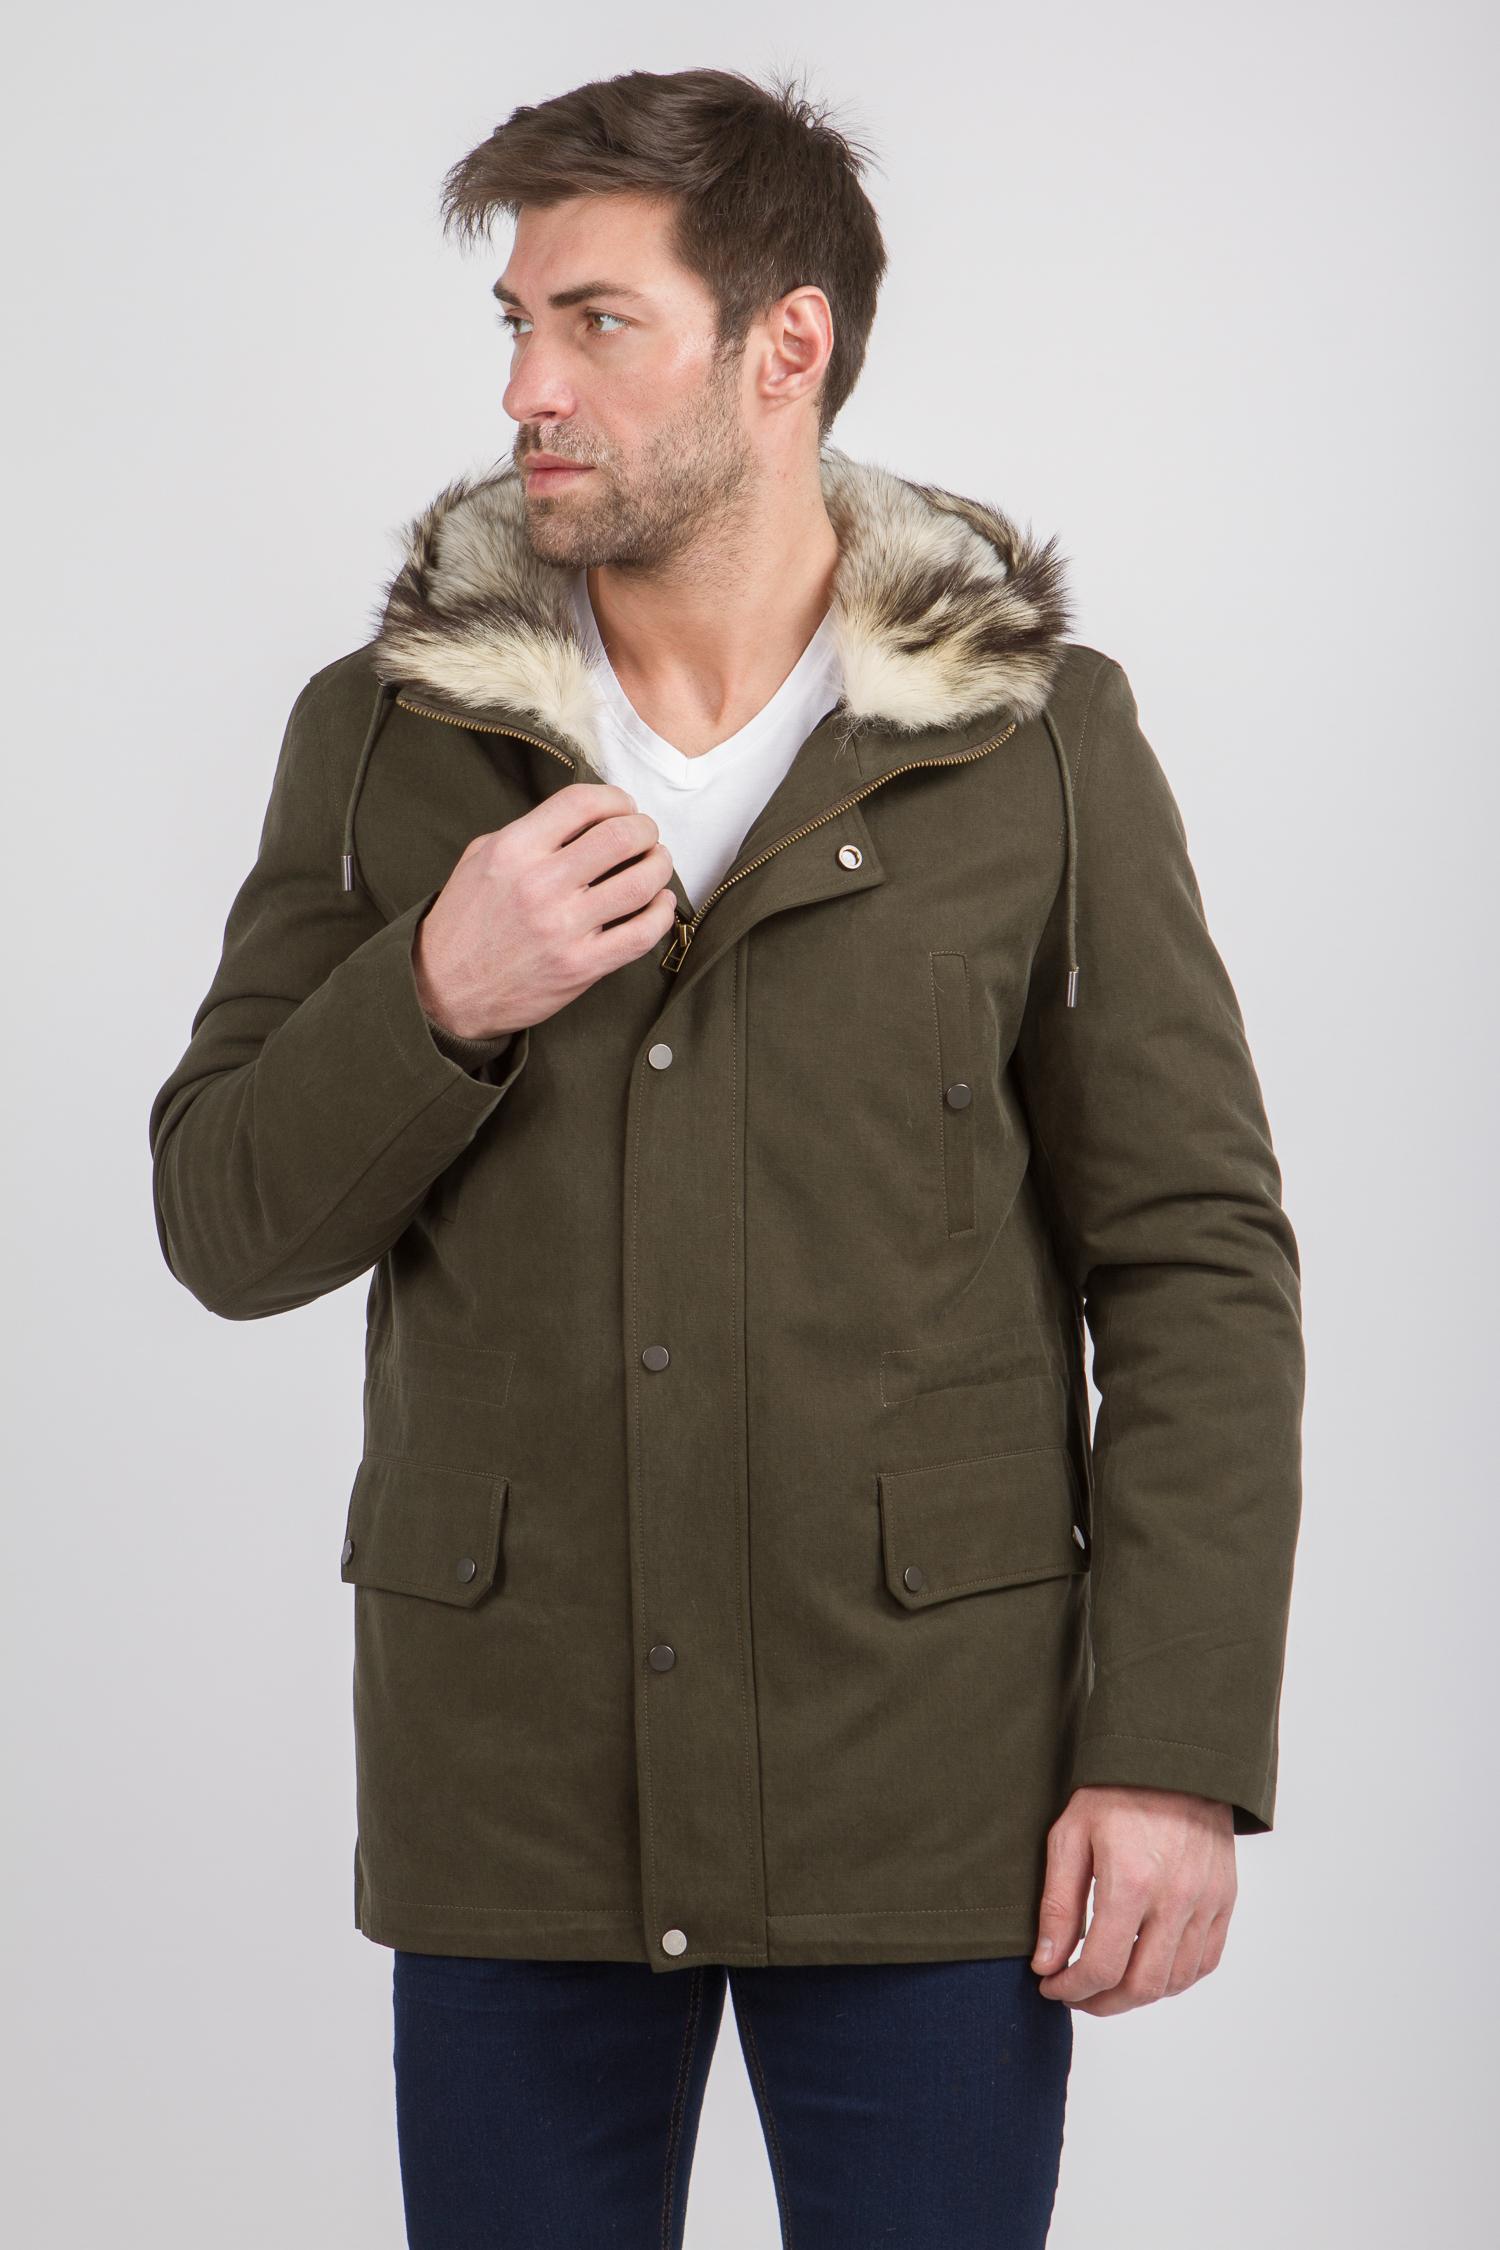 Купить Парка мужская из текстиля с капюшоном, отделка енот, МОСМЕХА, зеленый, Хлопок, 4100012